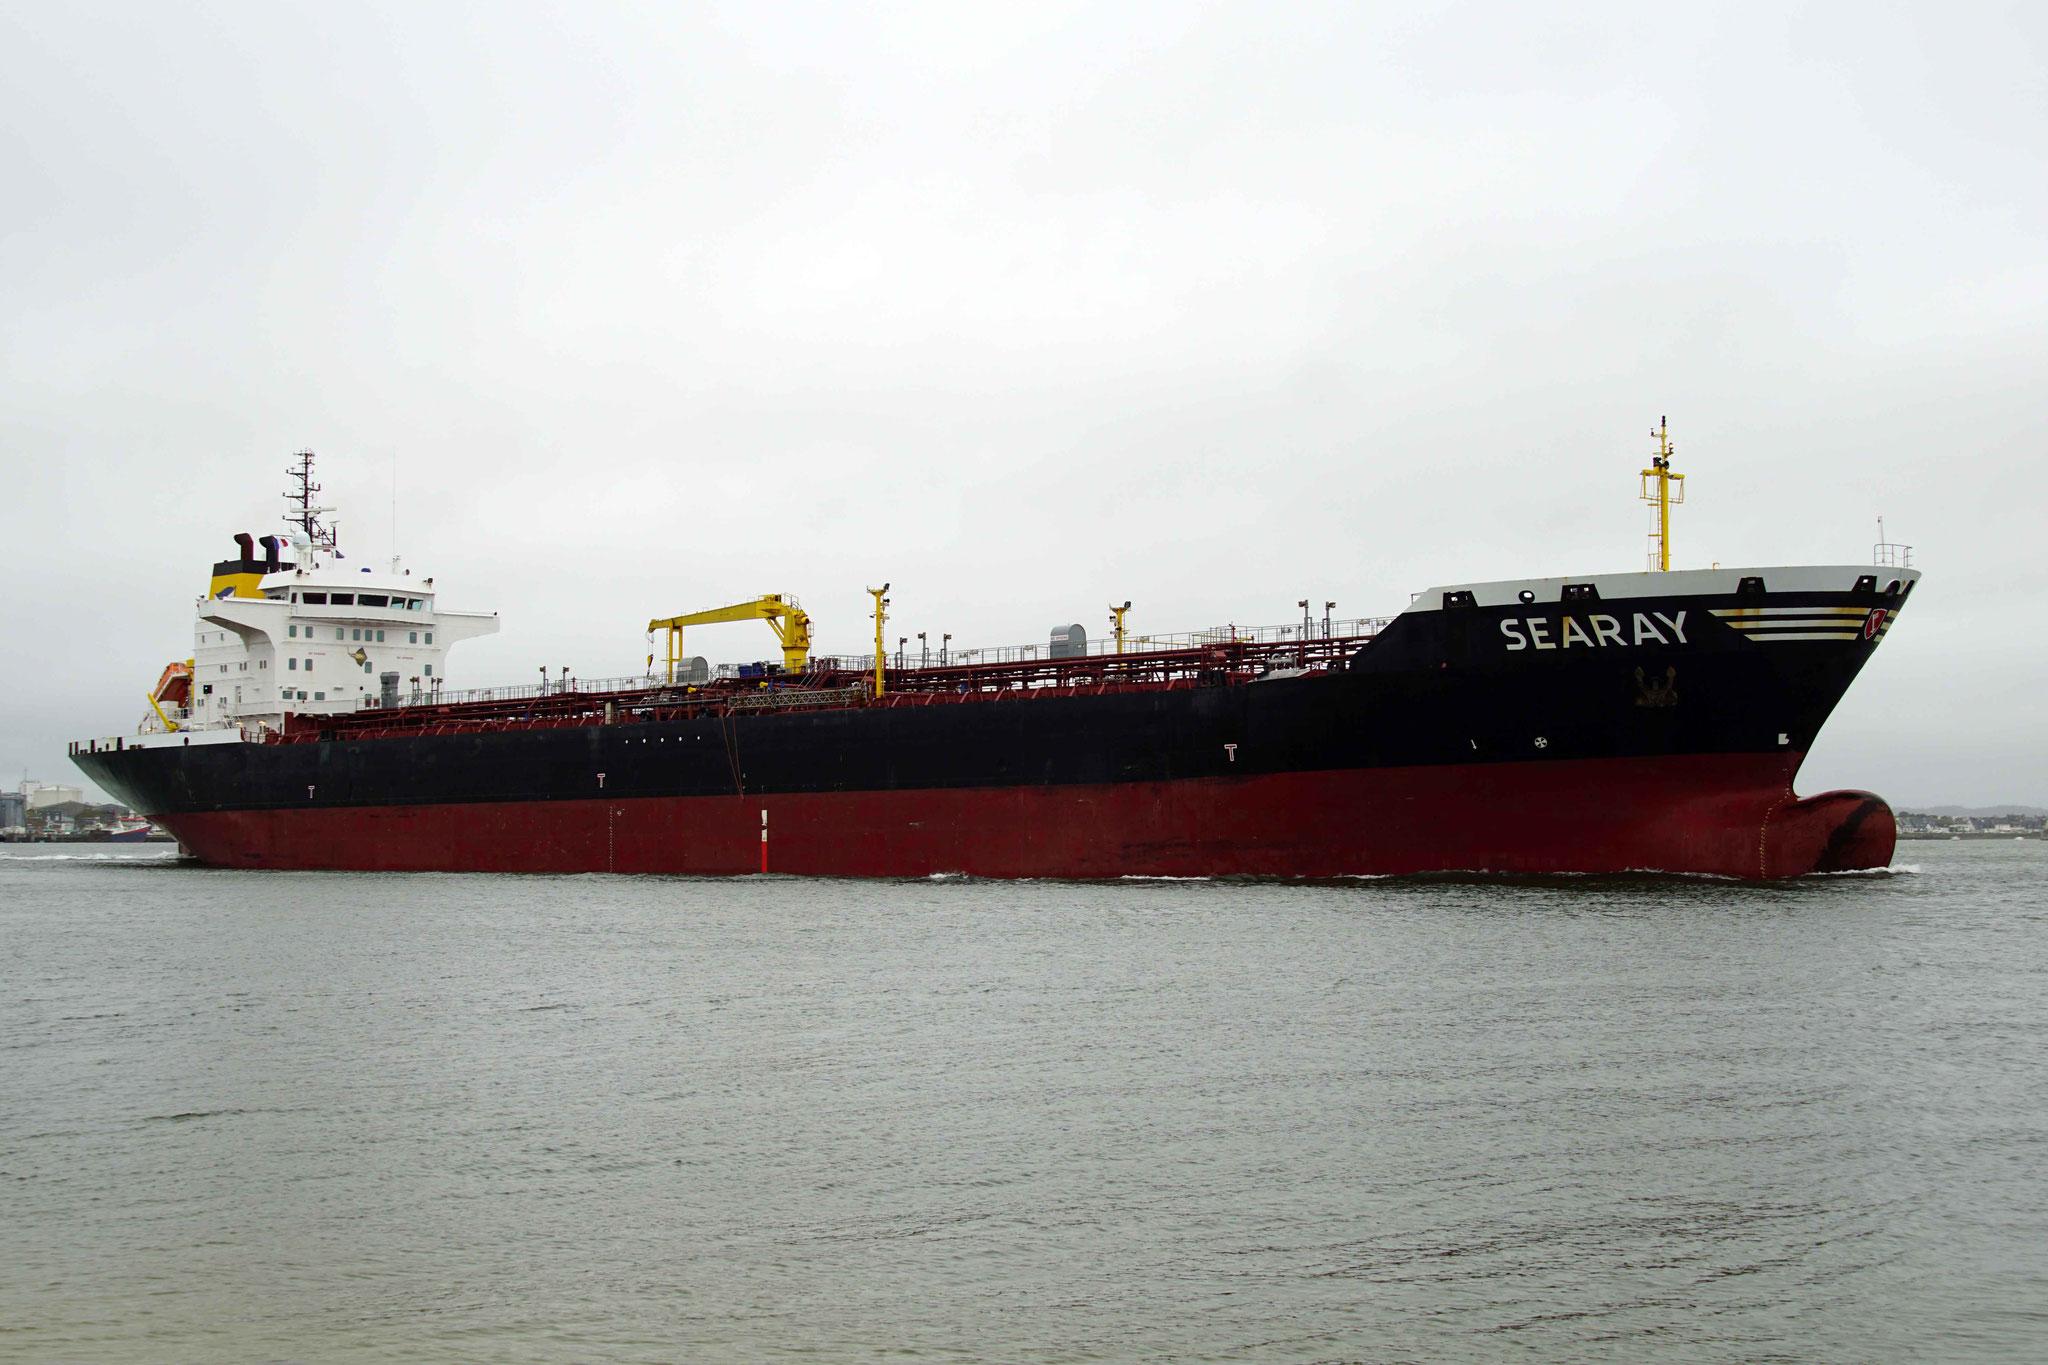 Searay, DSC07245